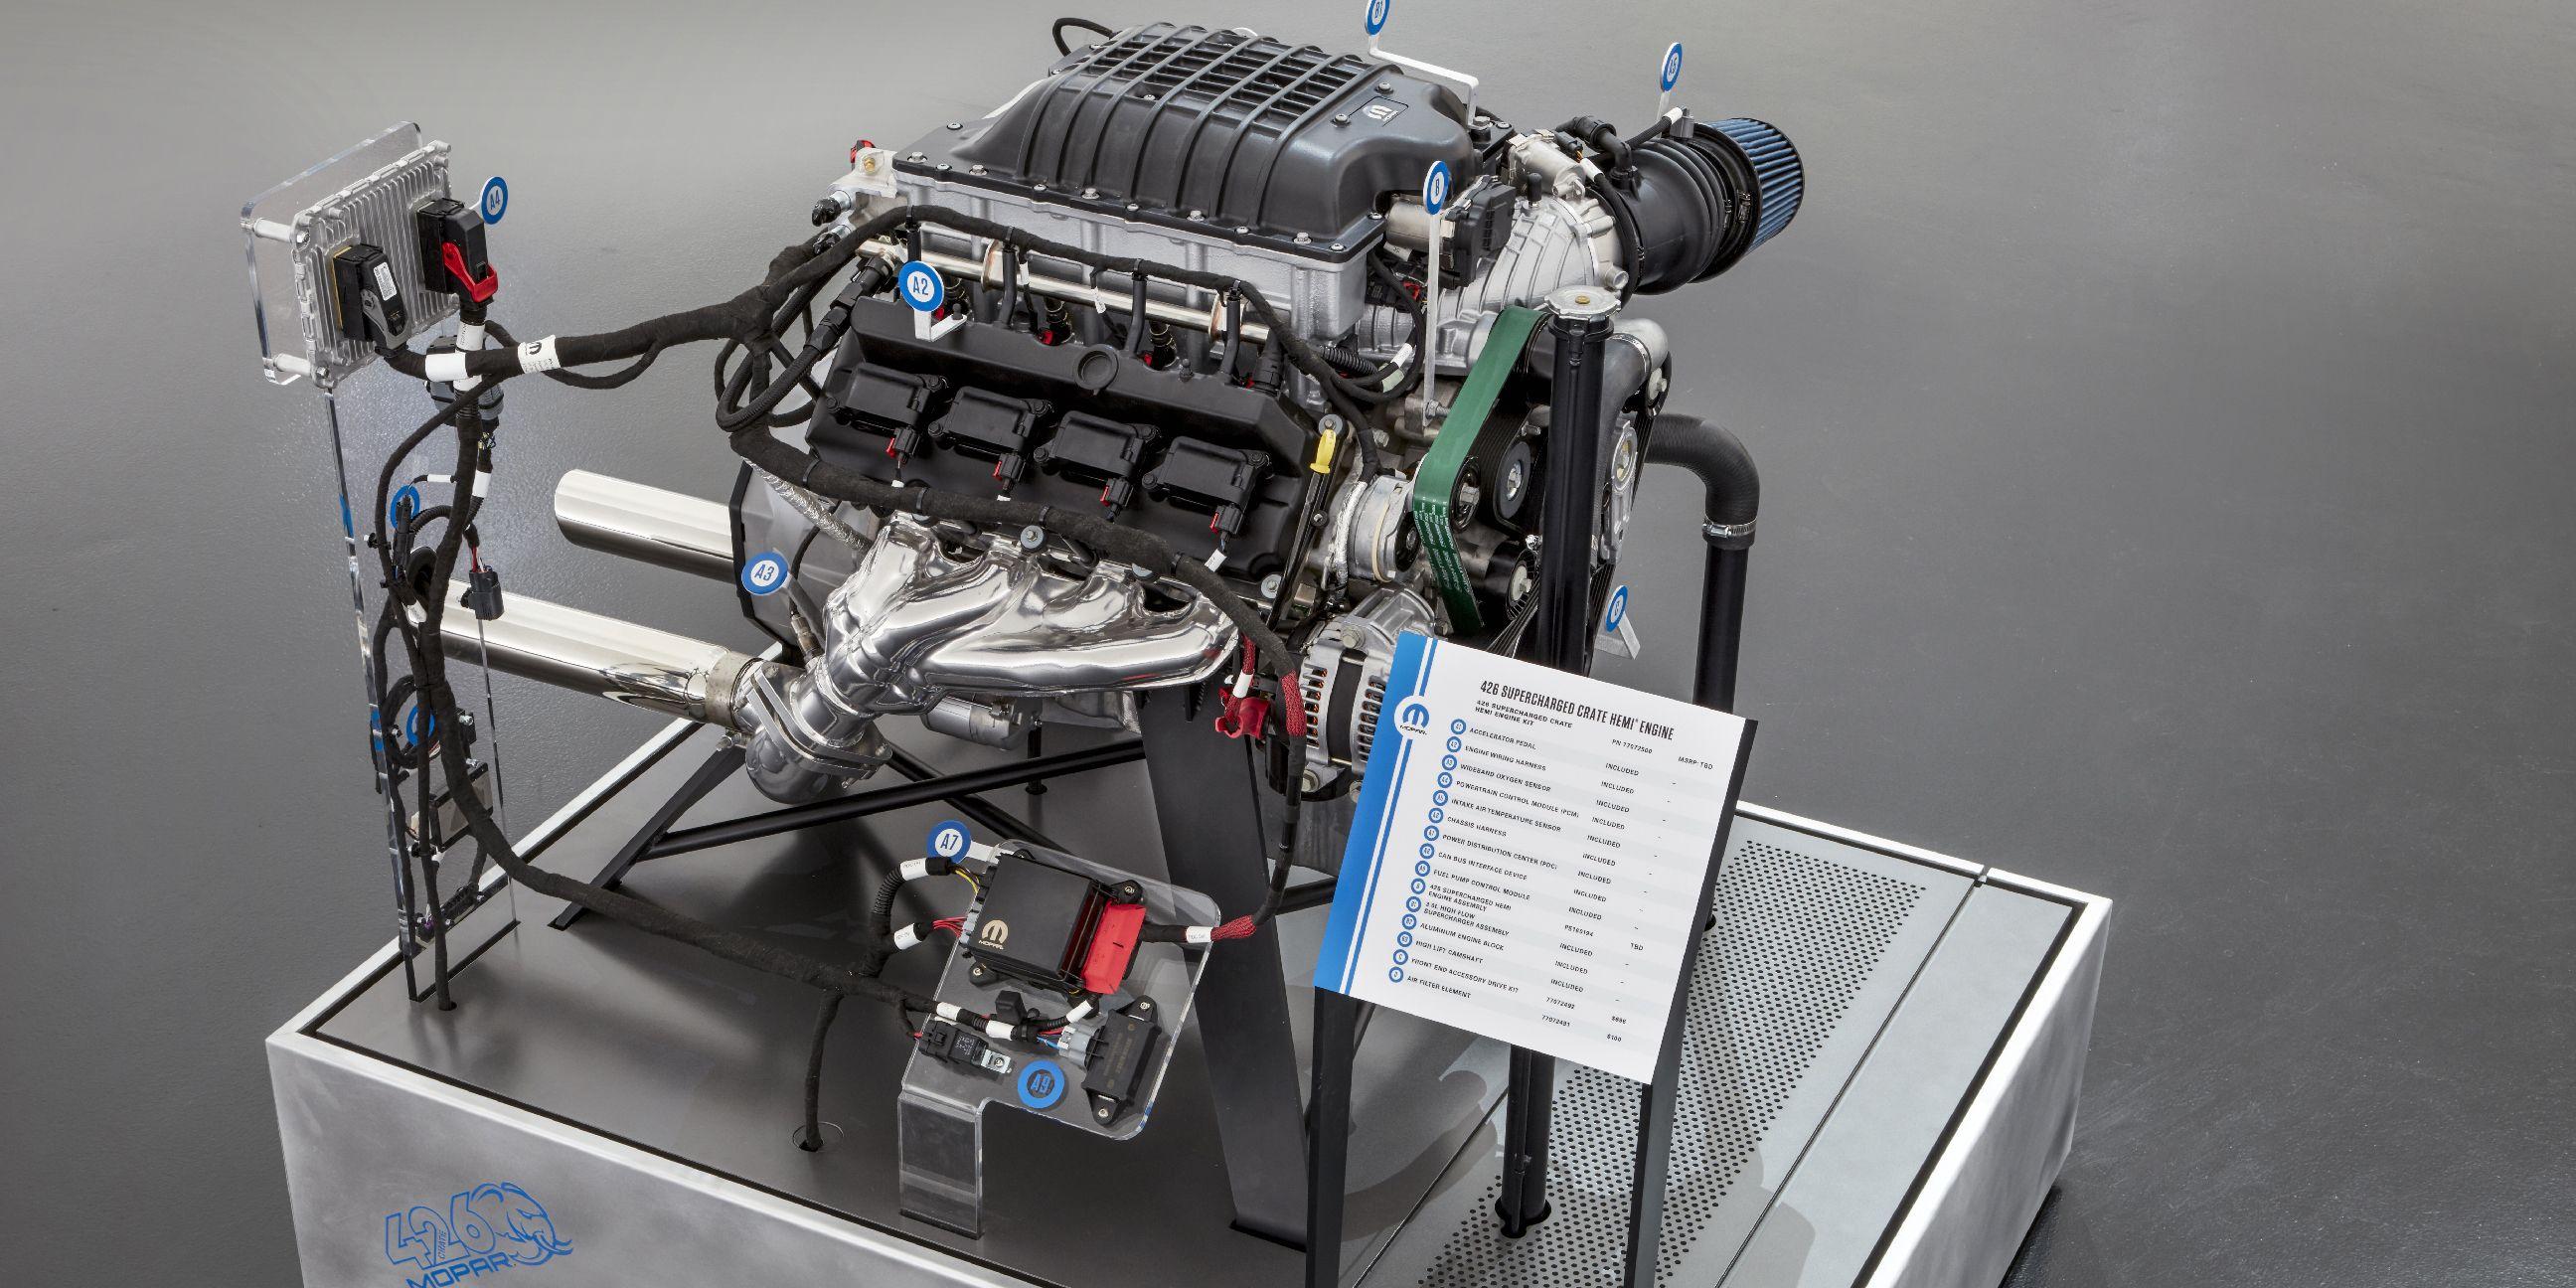 Mp Mbmr Q Prmdast U Arbo A on Dodge Hemi Engine Design